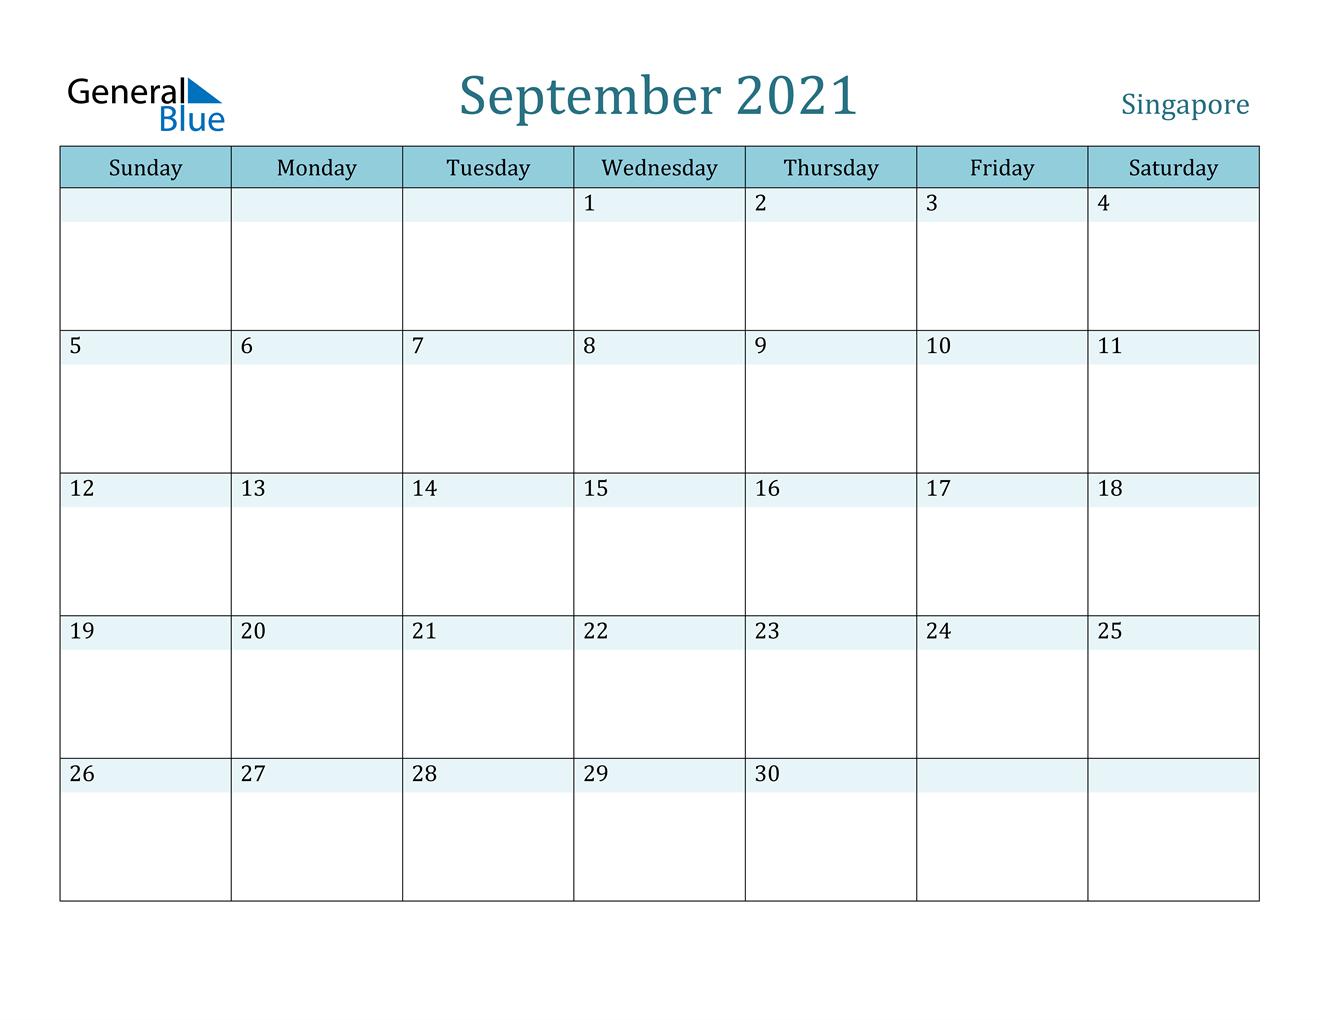 September 2021 Calendar - Singapore